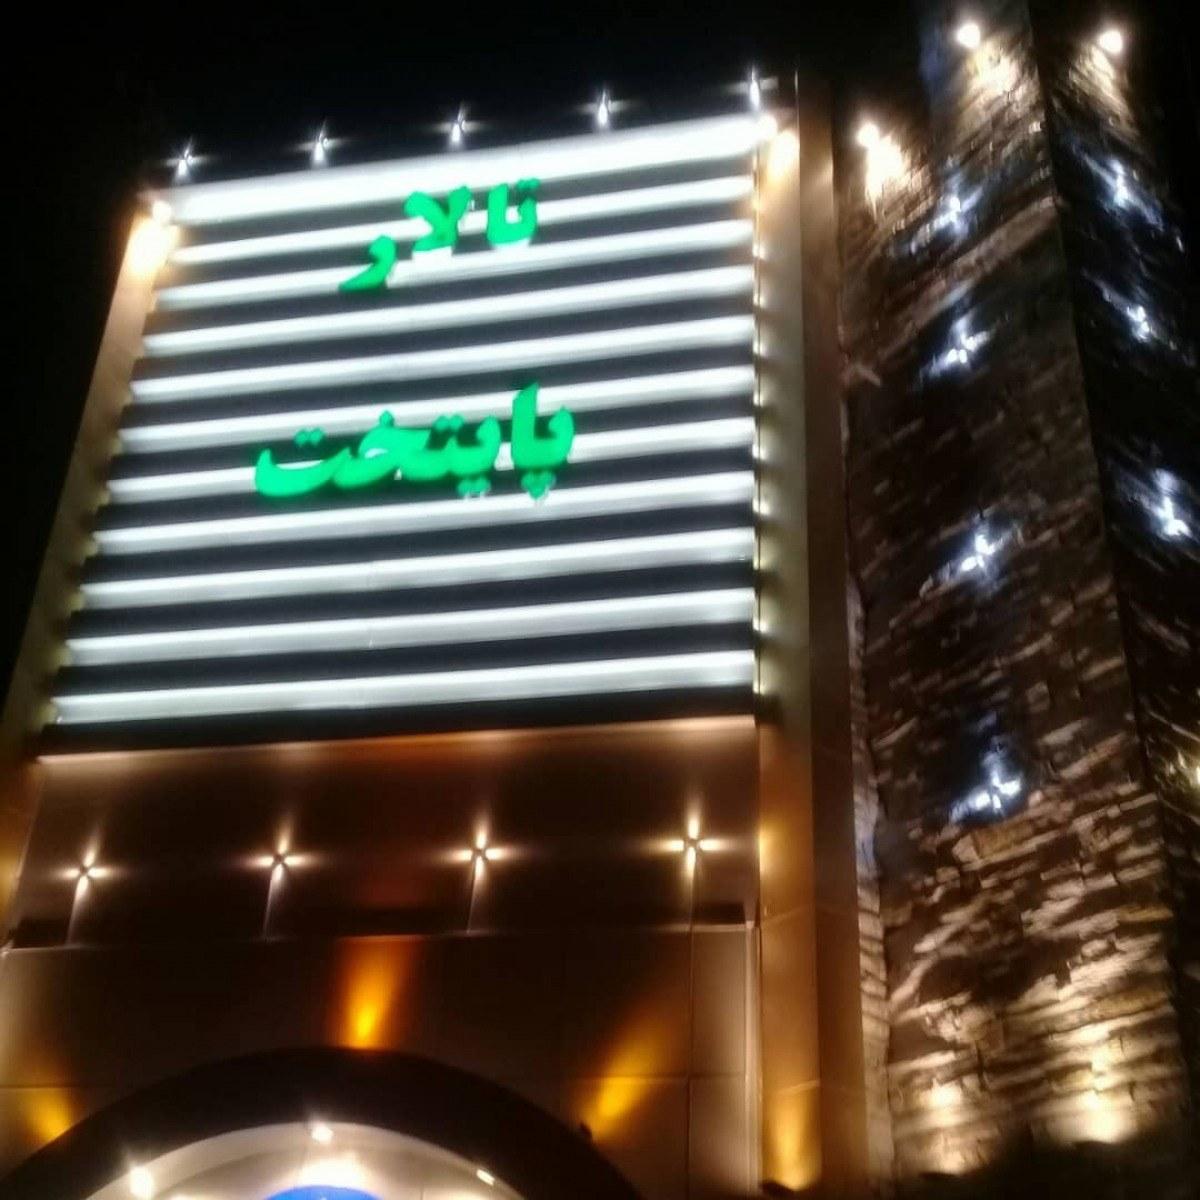 تصویر تالار تشریفات پایتخت منو3